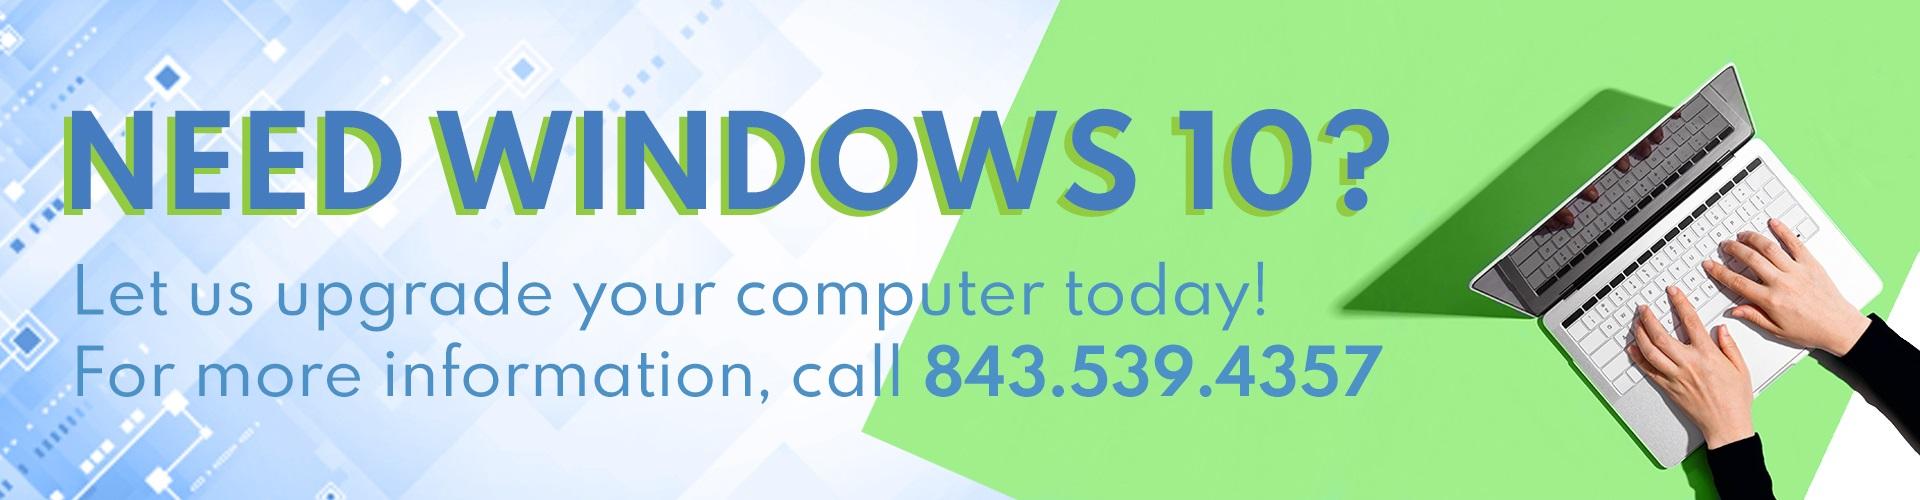 Need Windows 10?